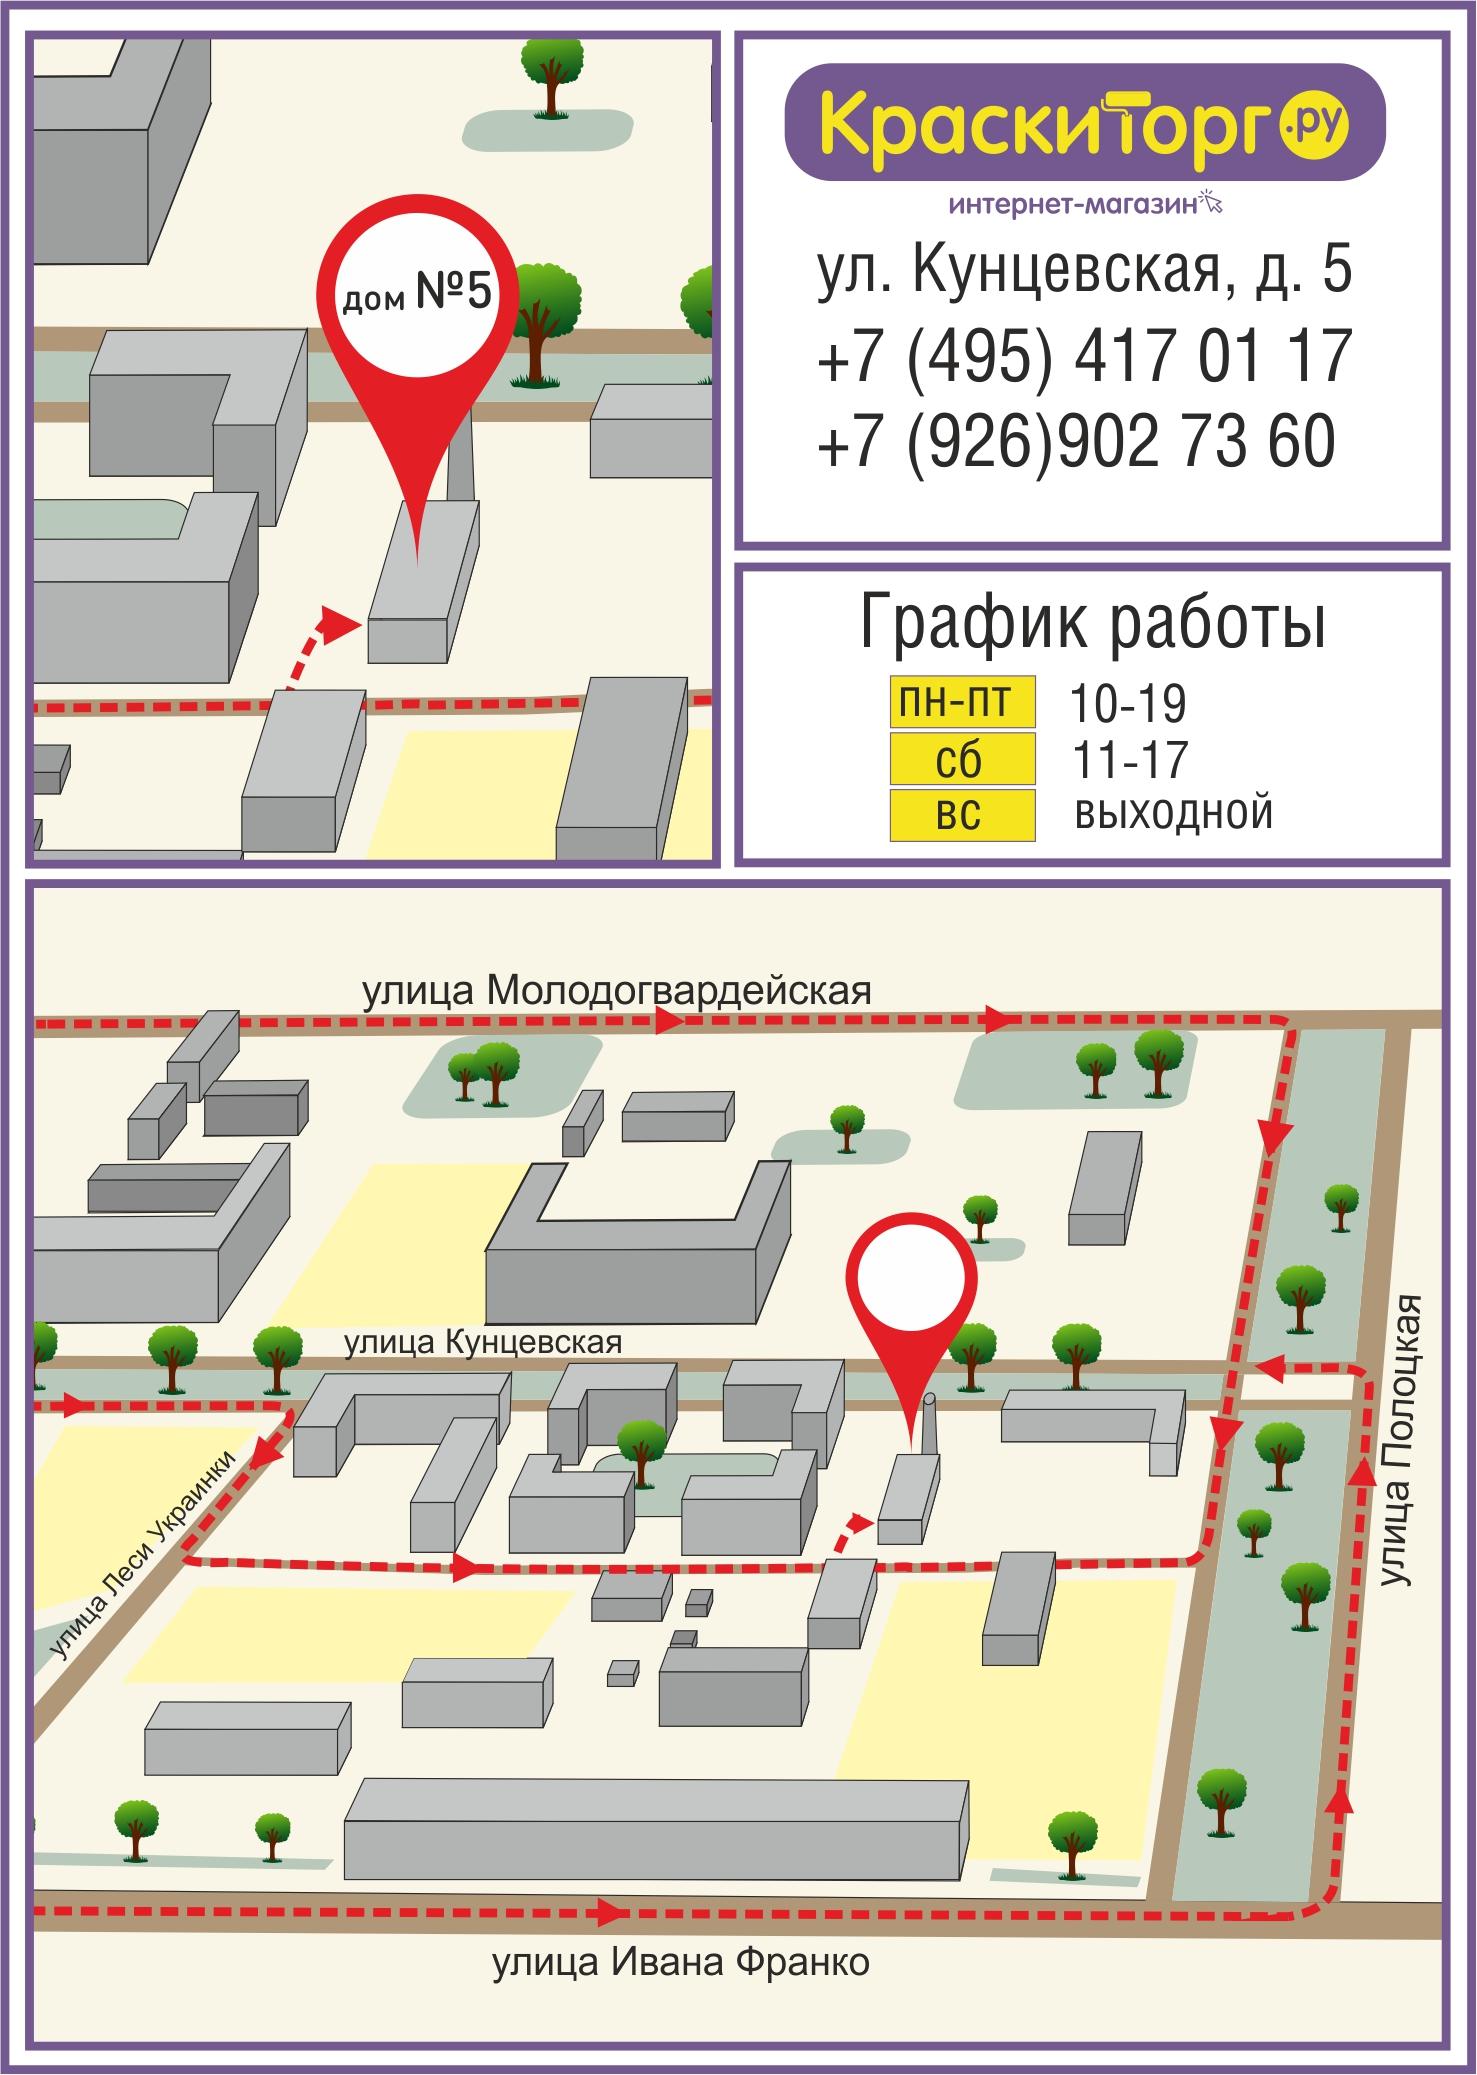 Схема проезда к магазину на  Кунцевская, д. 5